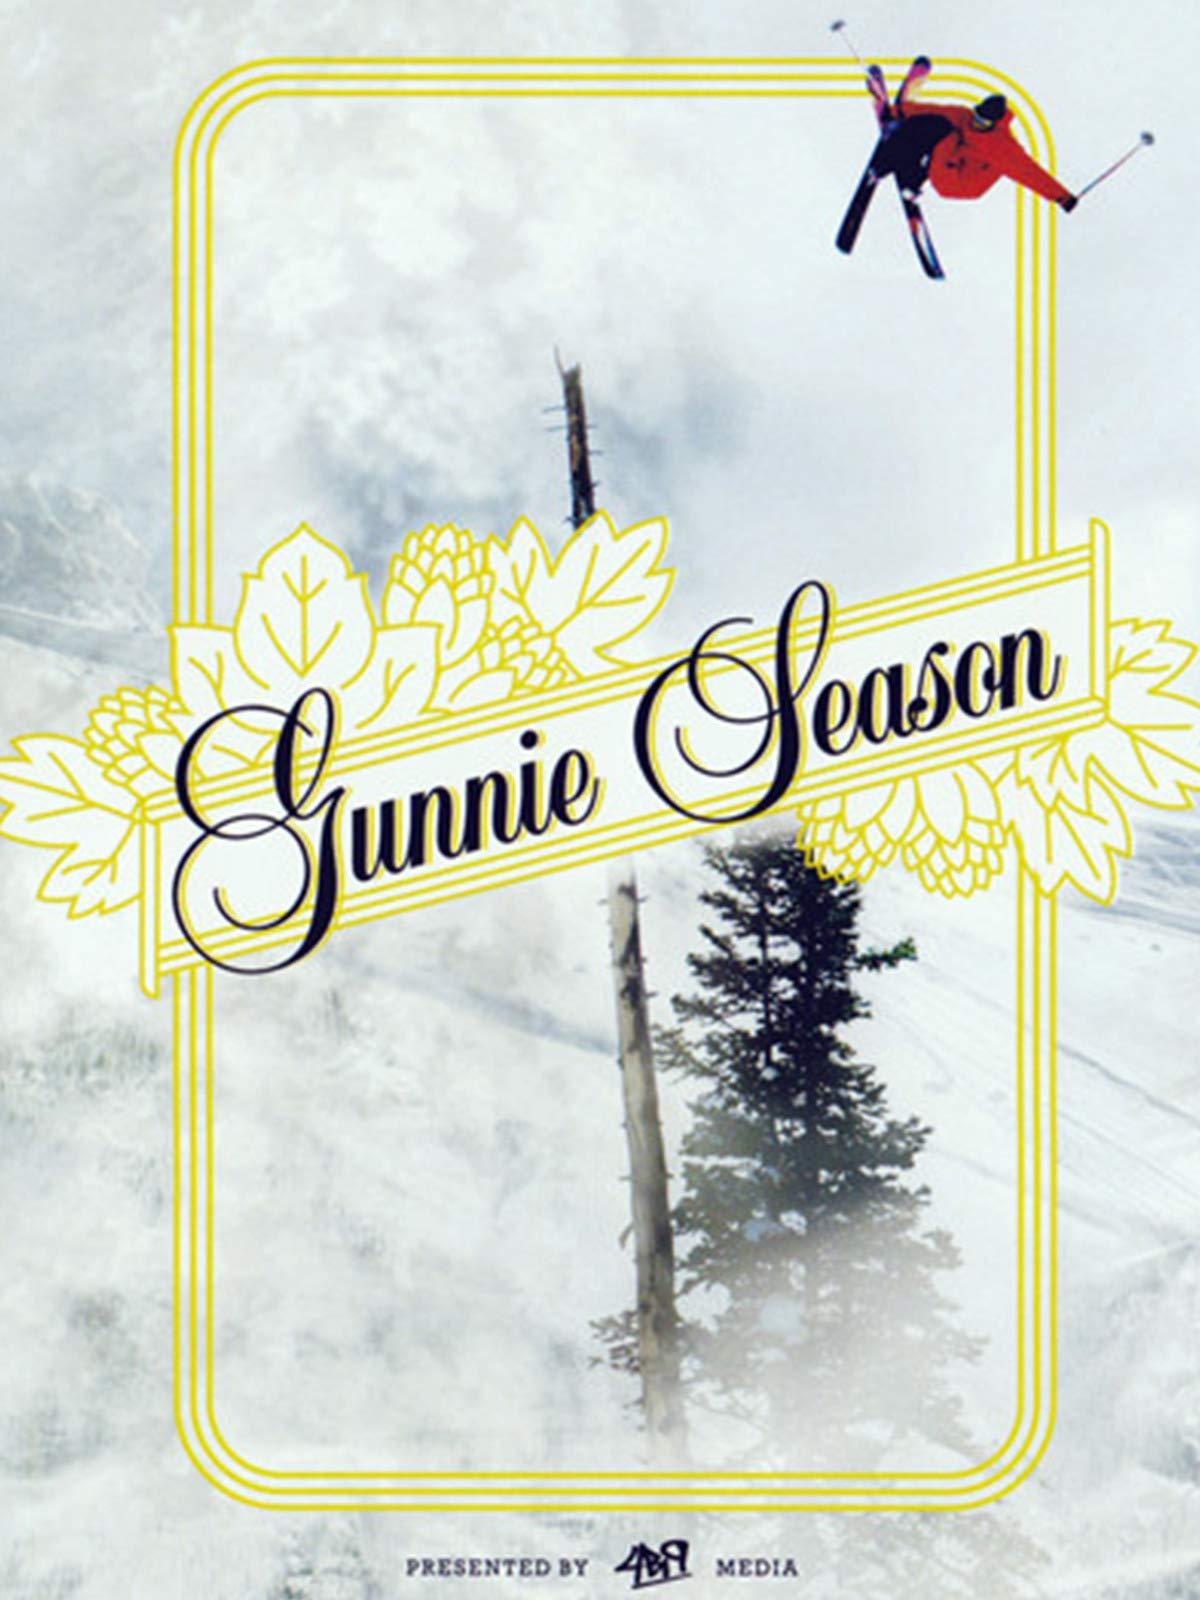 Gunnie Season on Amazon Prime Video UK